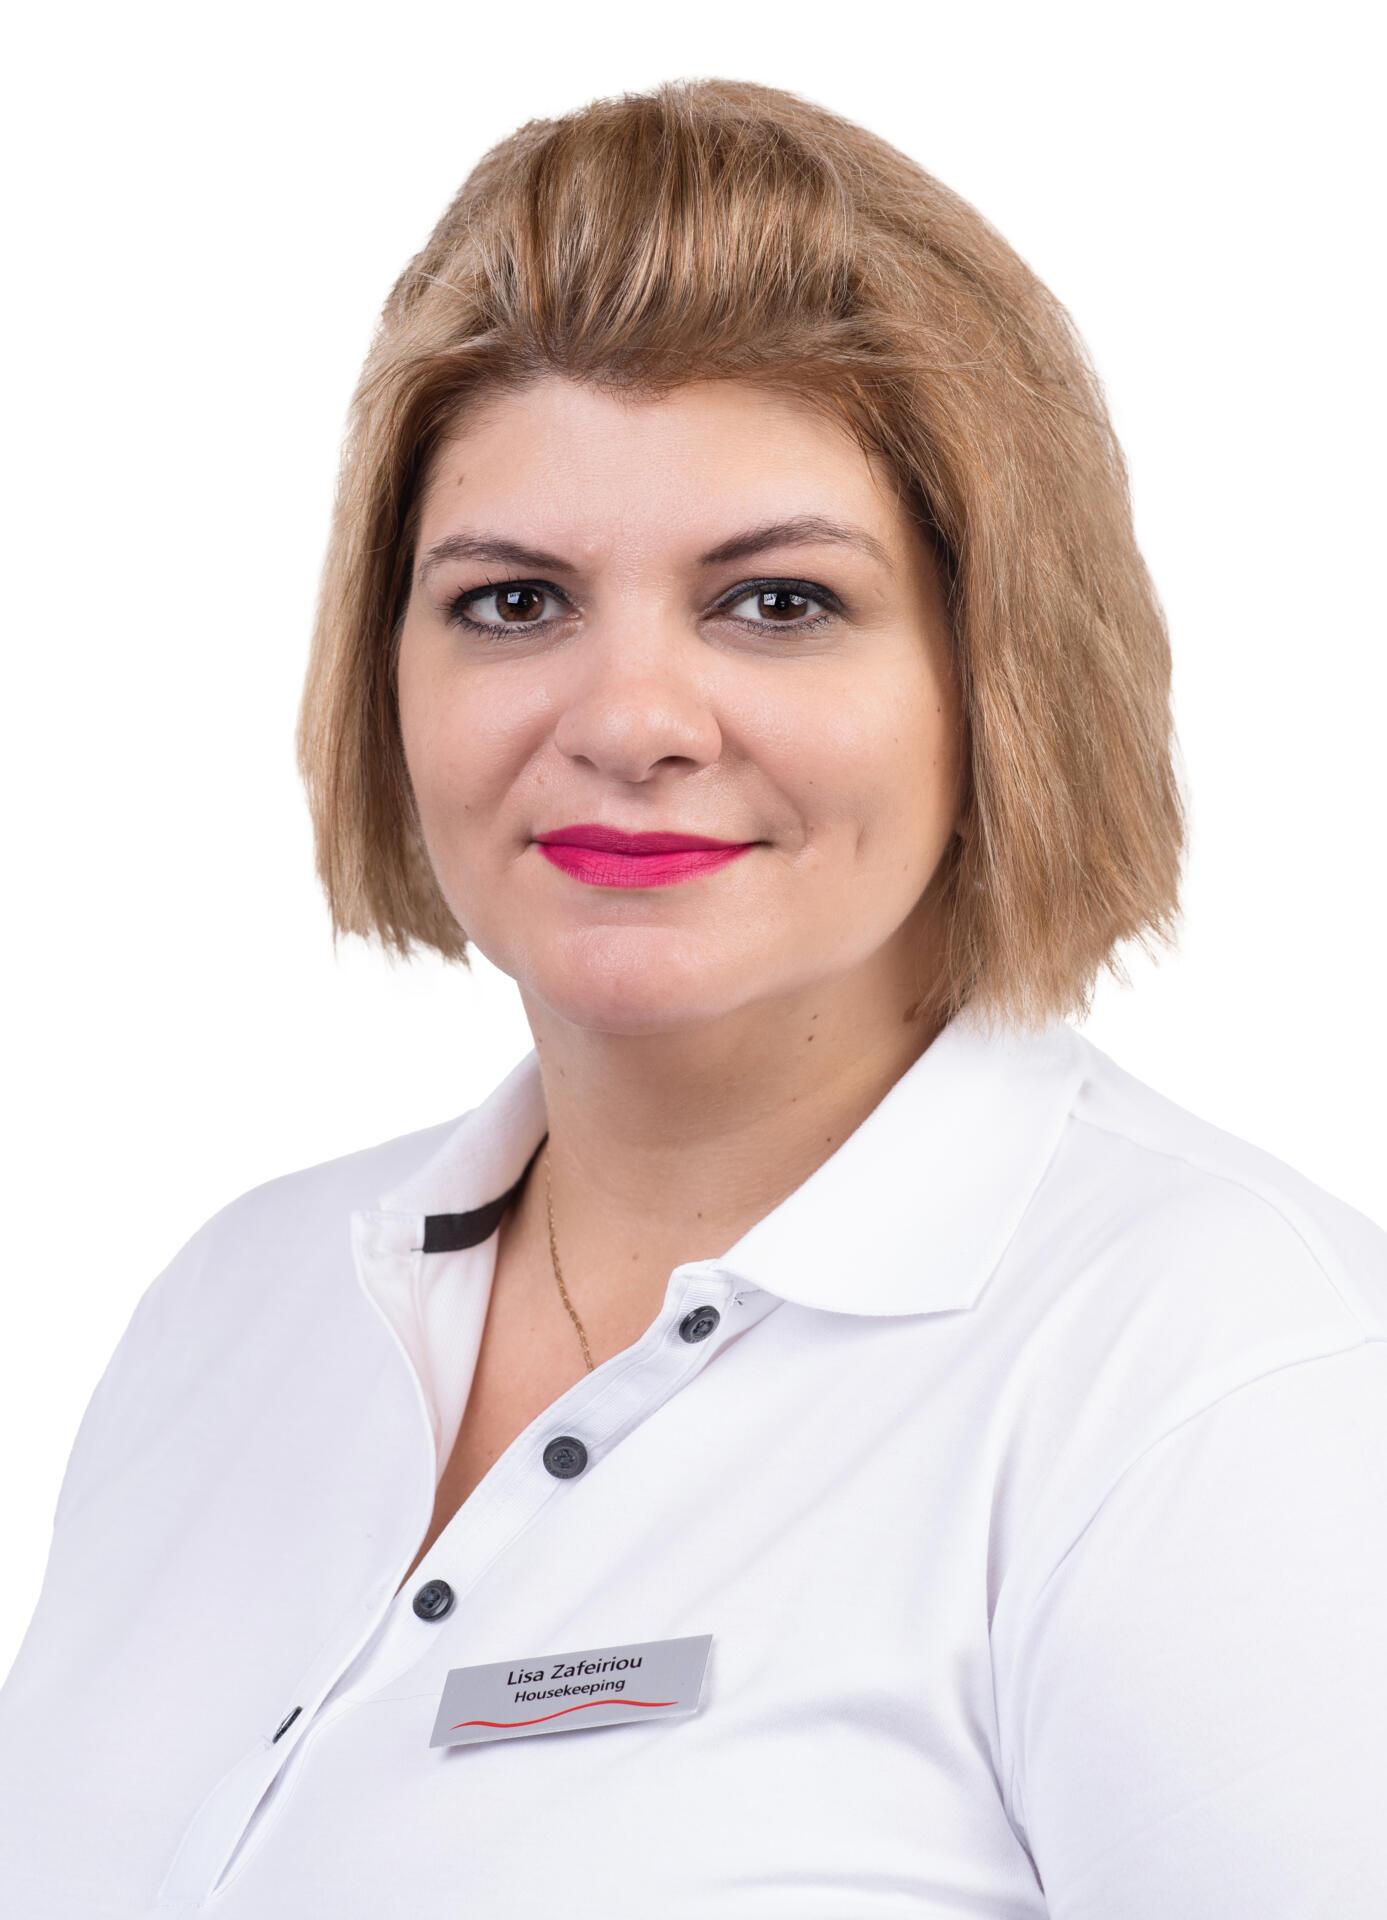 Lisa zafeiriou